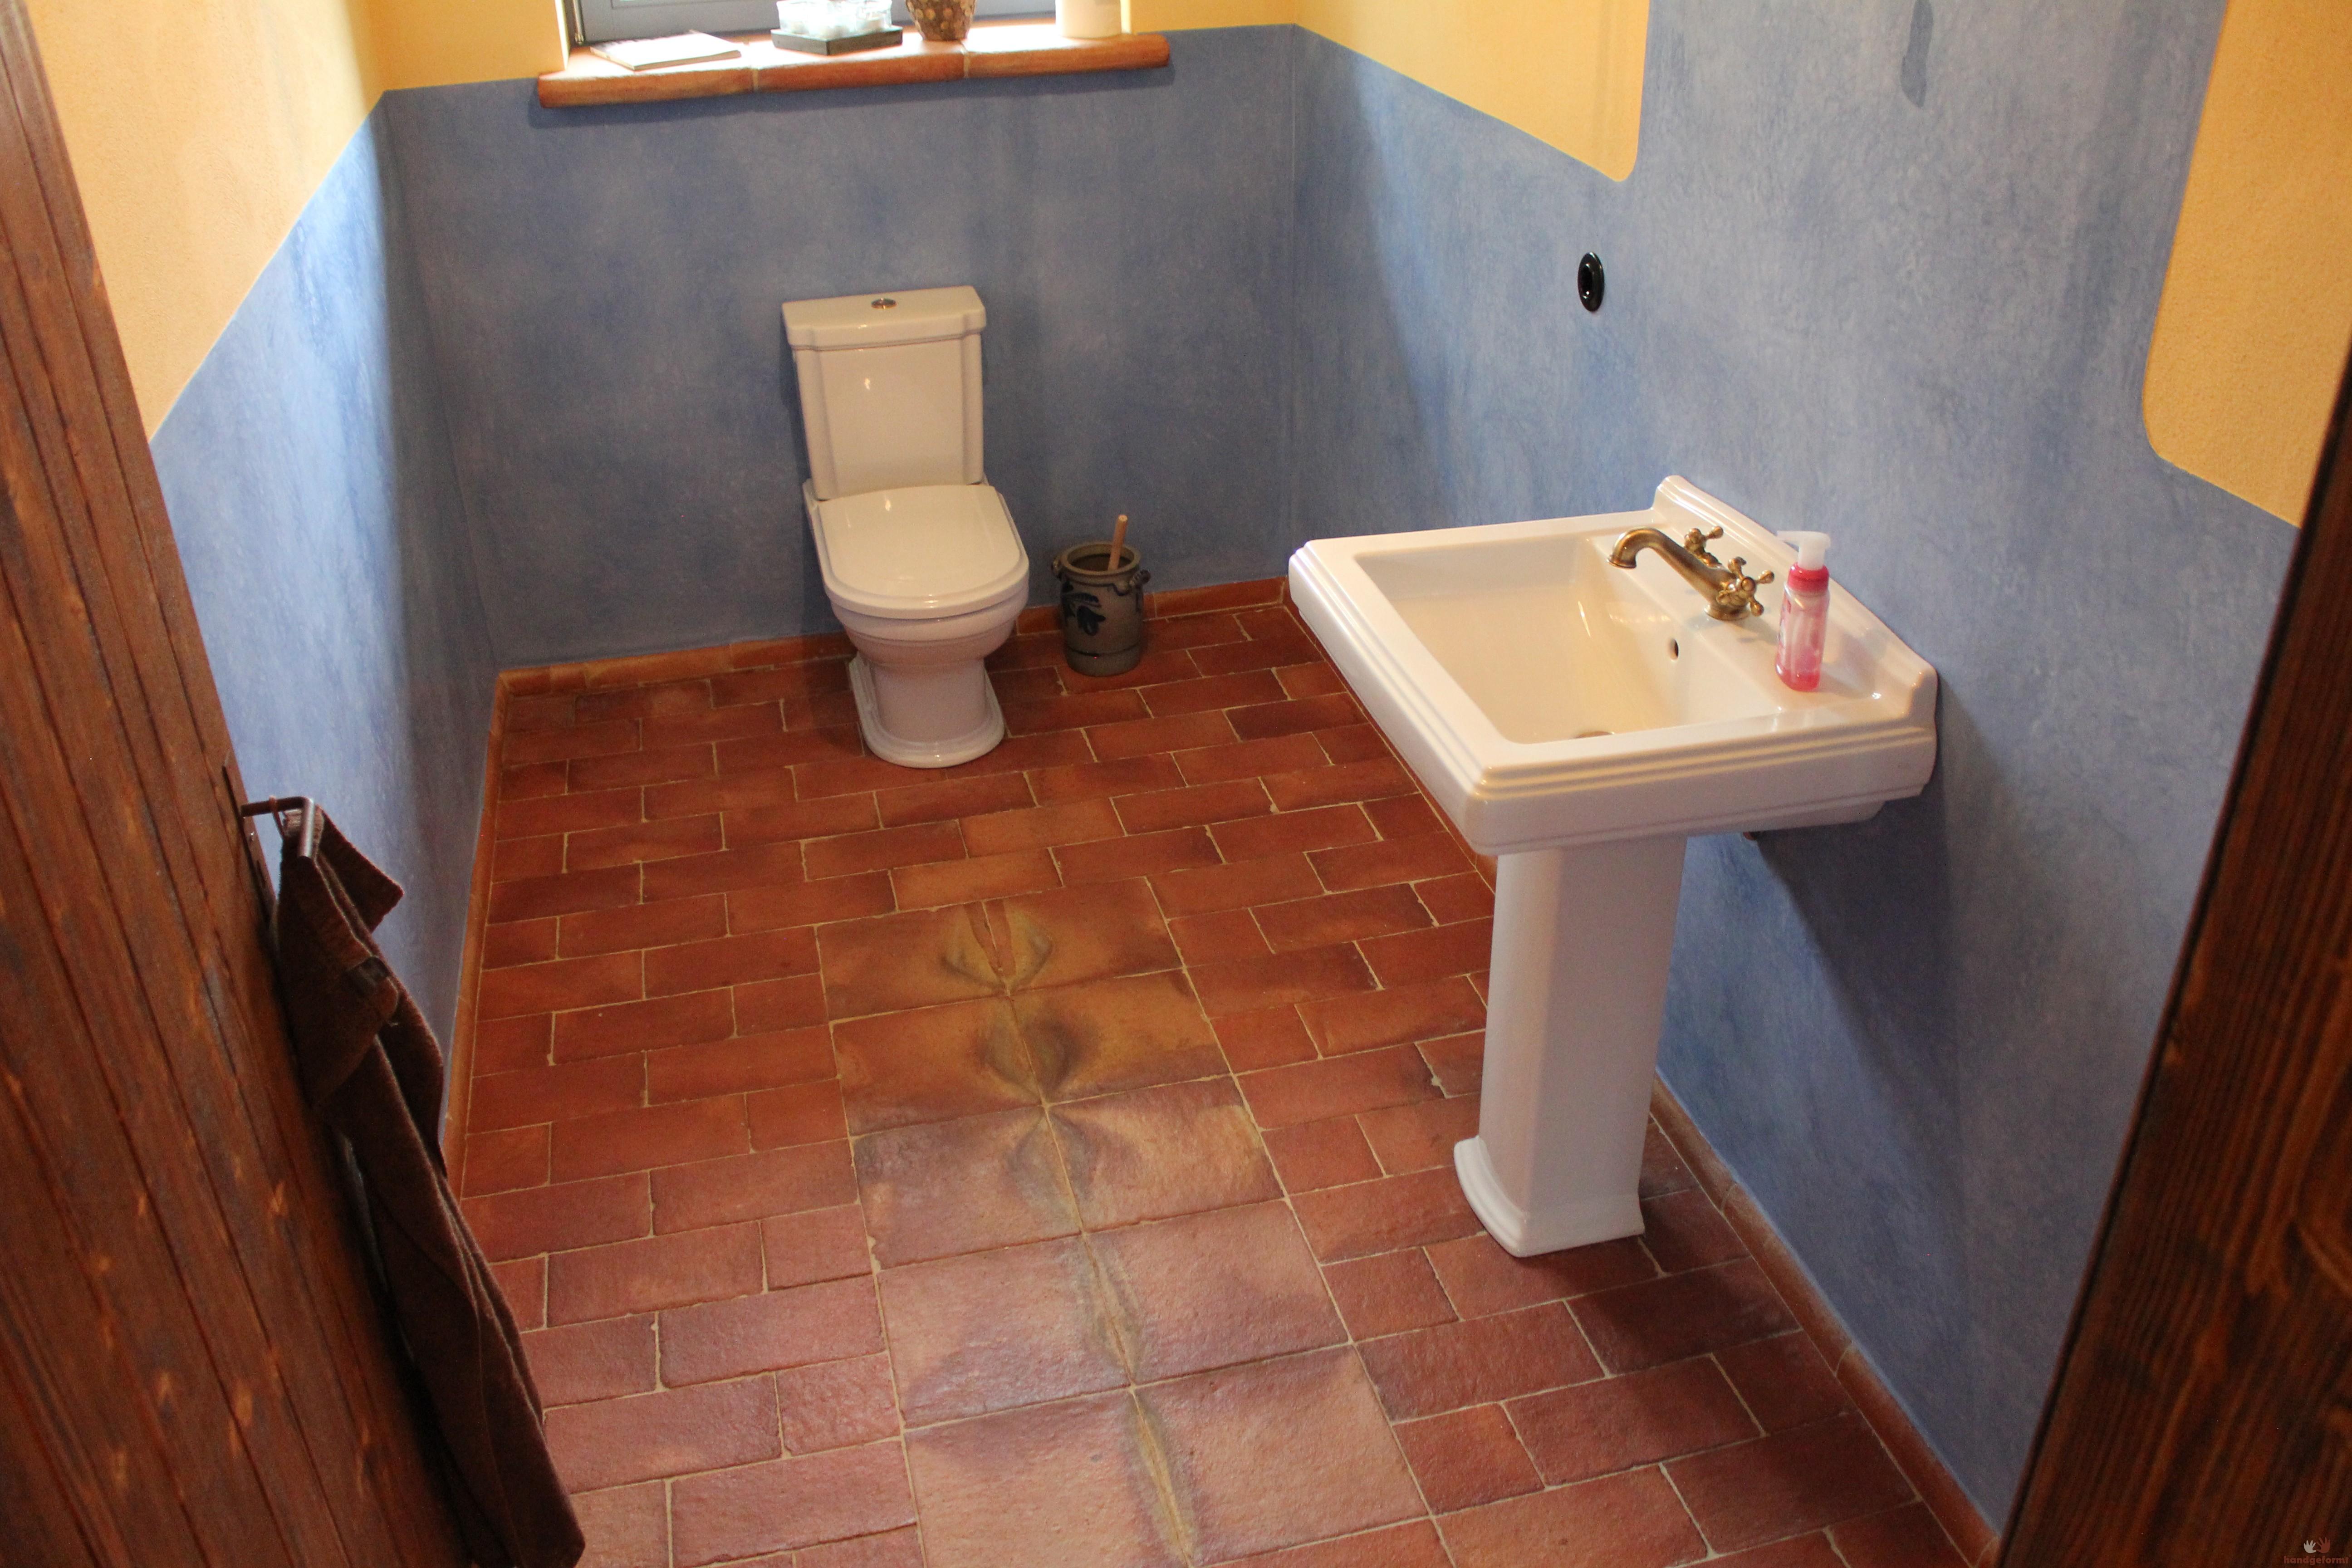 17 Terracotta Floor Tiles in Pakistan Bathroom Flooring Tiles in Pakistan Images.